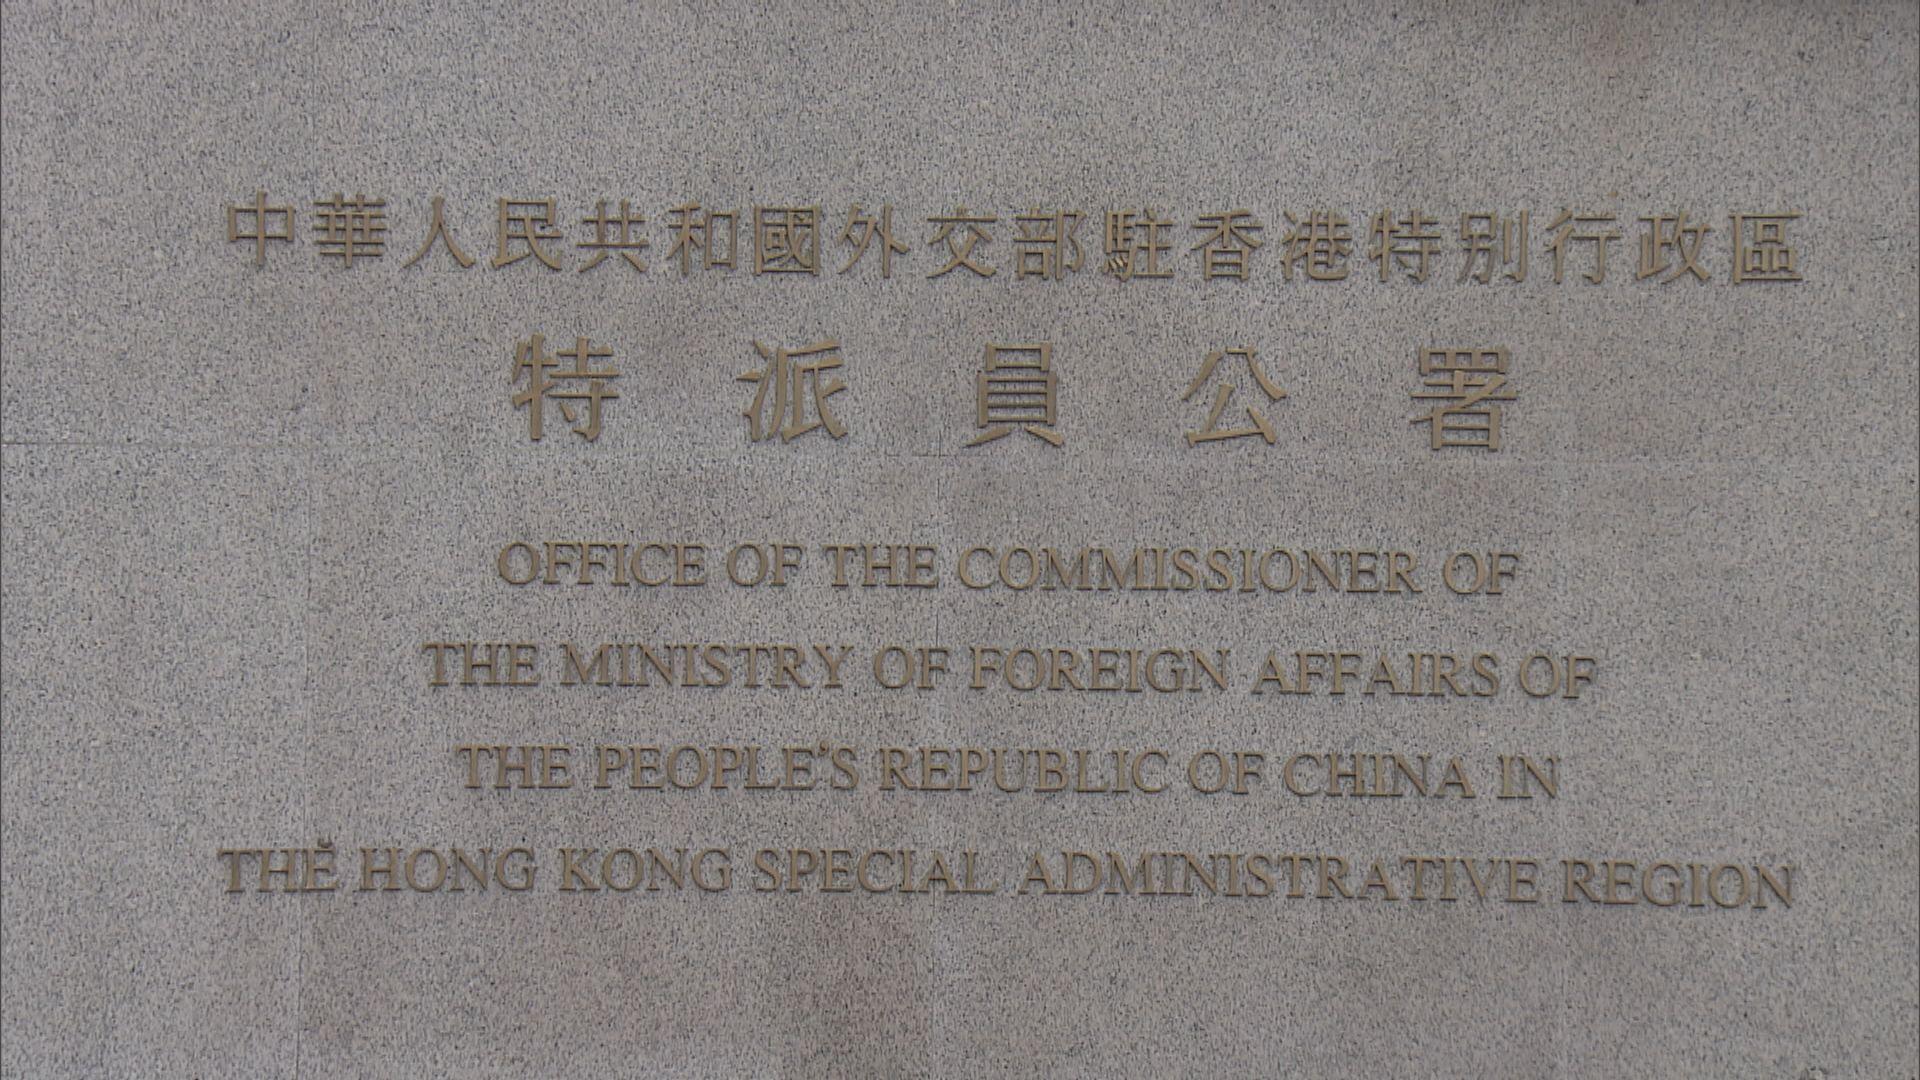 駐港公署:干預依法辦案是對特區及國際法治雙重踐踏